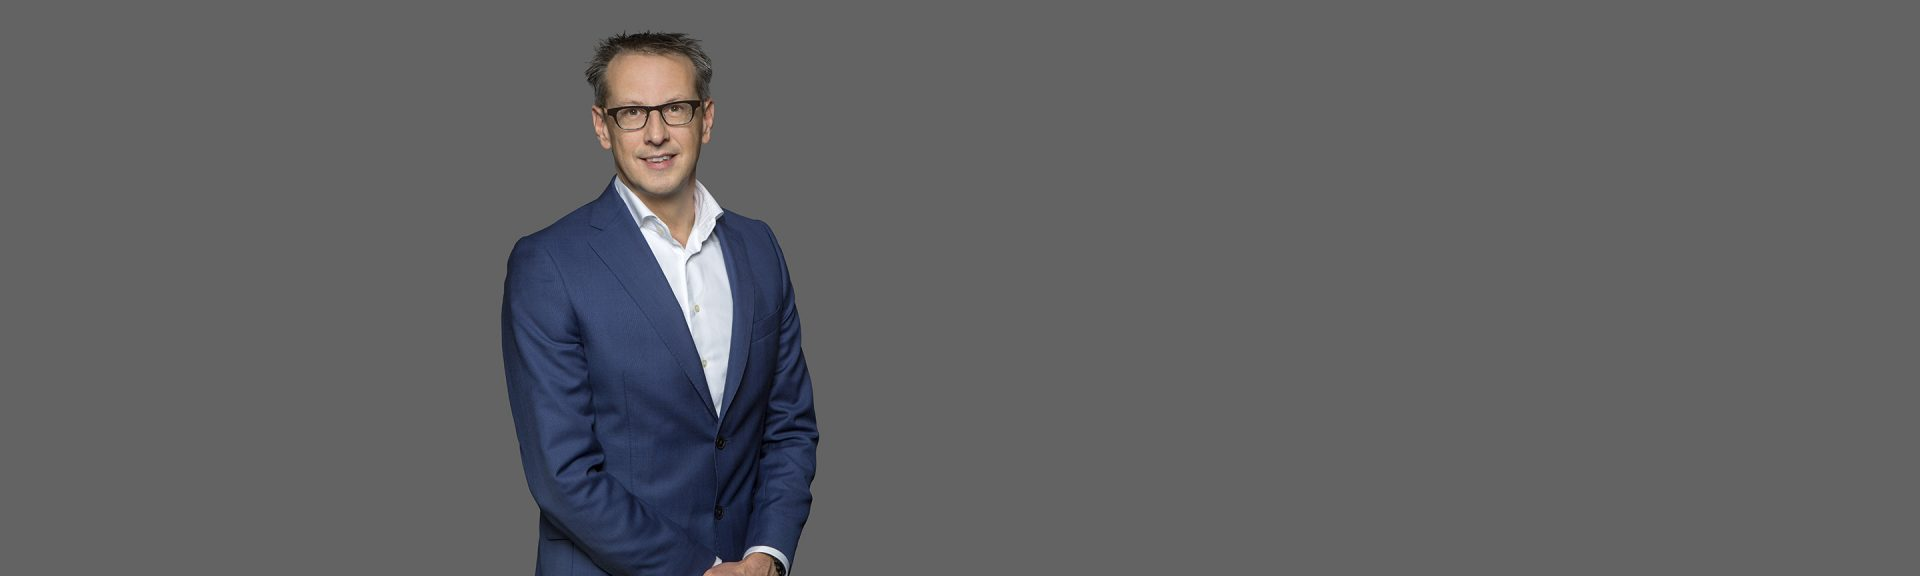 BertJansen WEBSITE